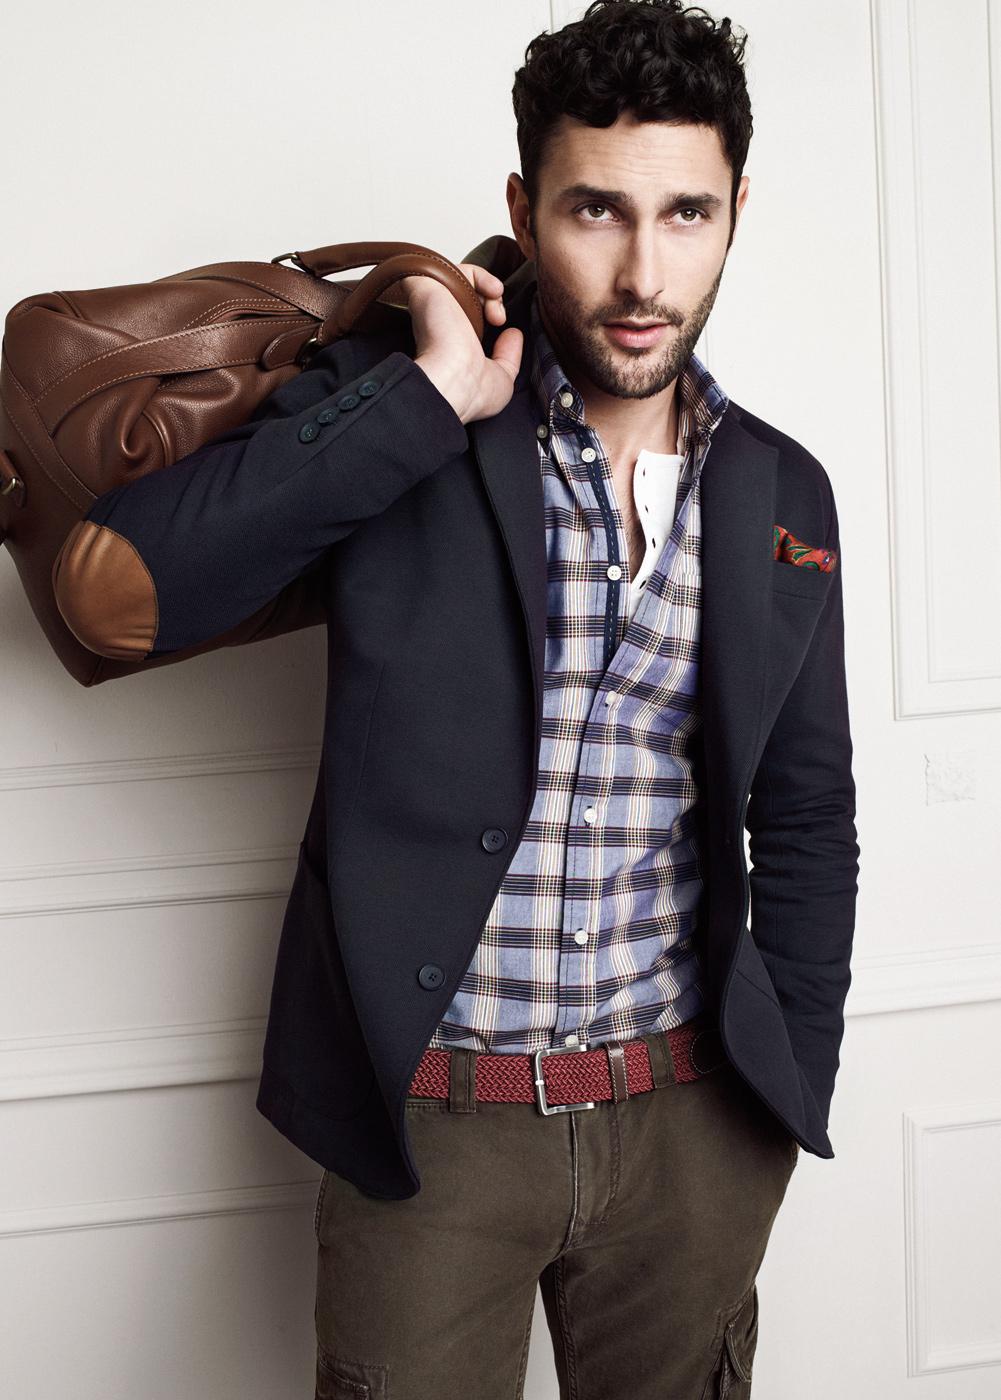 Мужской стиль одежды 2014 11